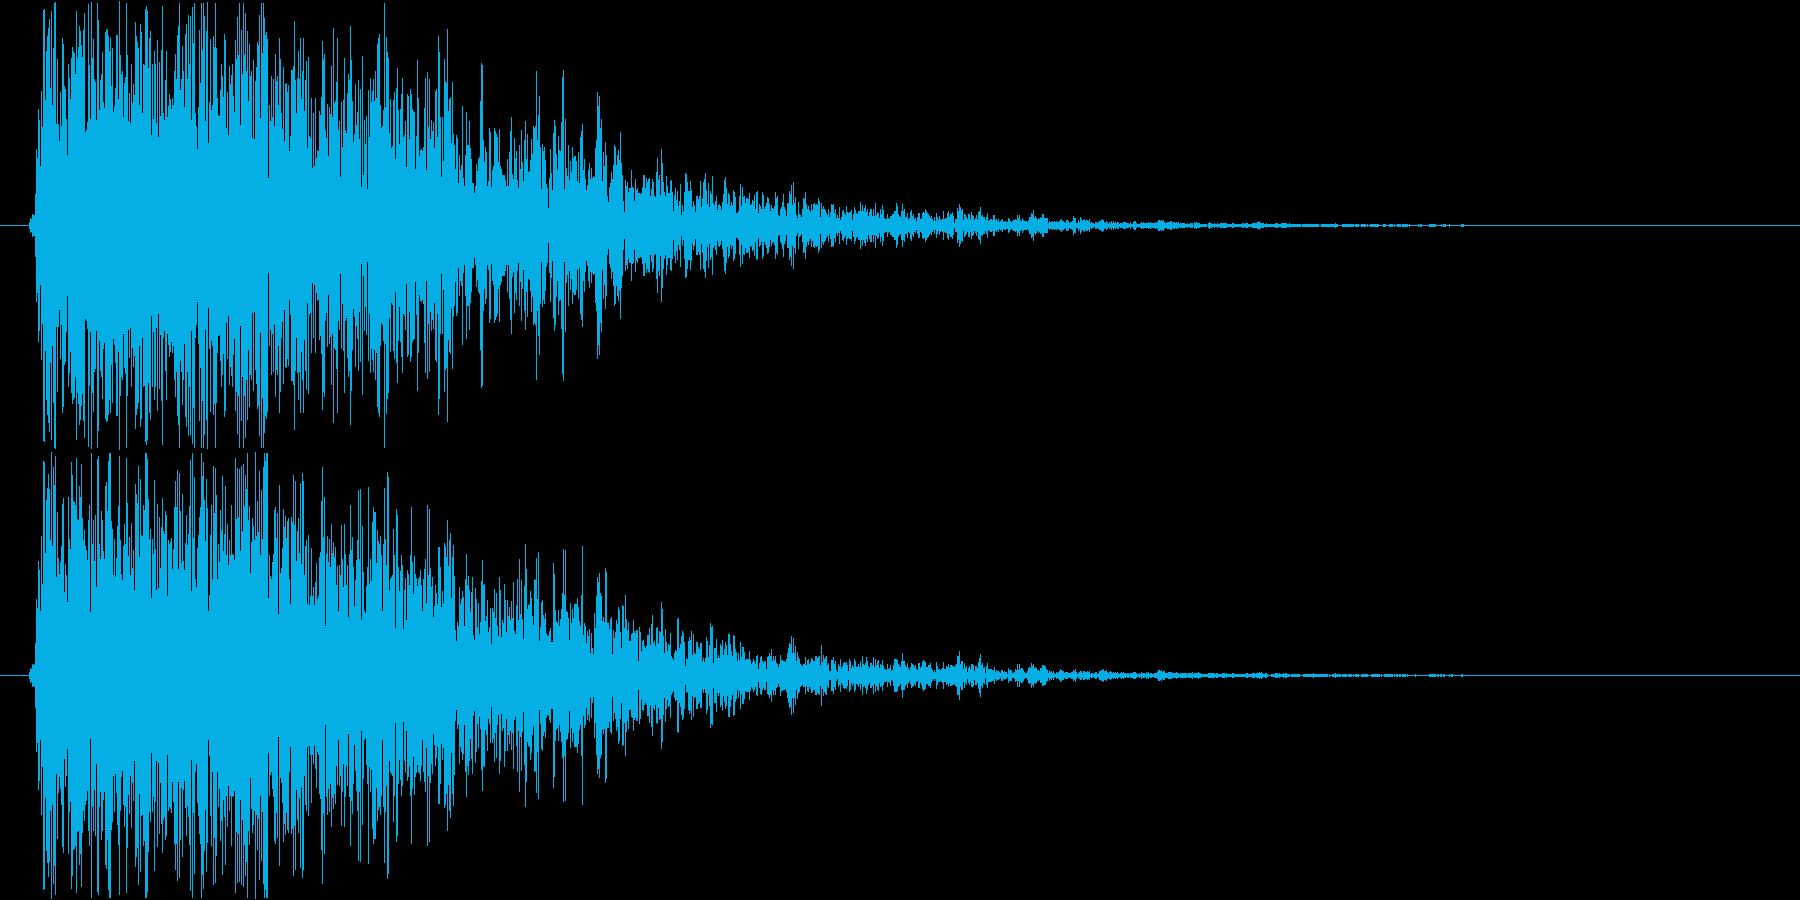 【ガオー】ドラゴン/モンスターの鳴き声の再生済みの波形